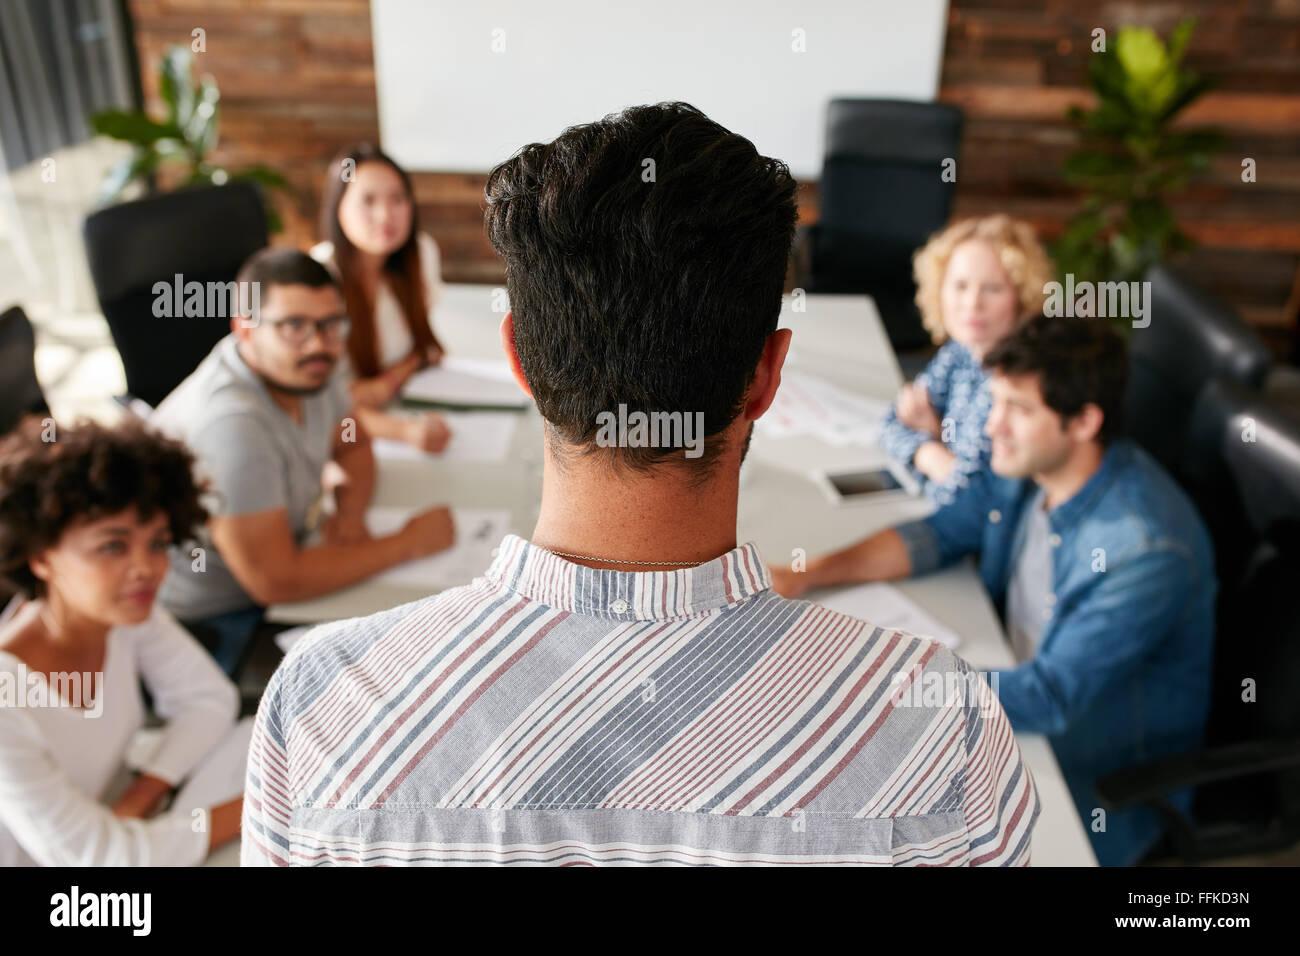 Vista trasera del retrato del hombre dando presentación del negocio a los colegas en la sala. Los jóvenes reunidos Foto de stock